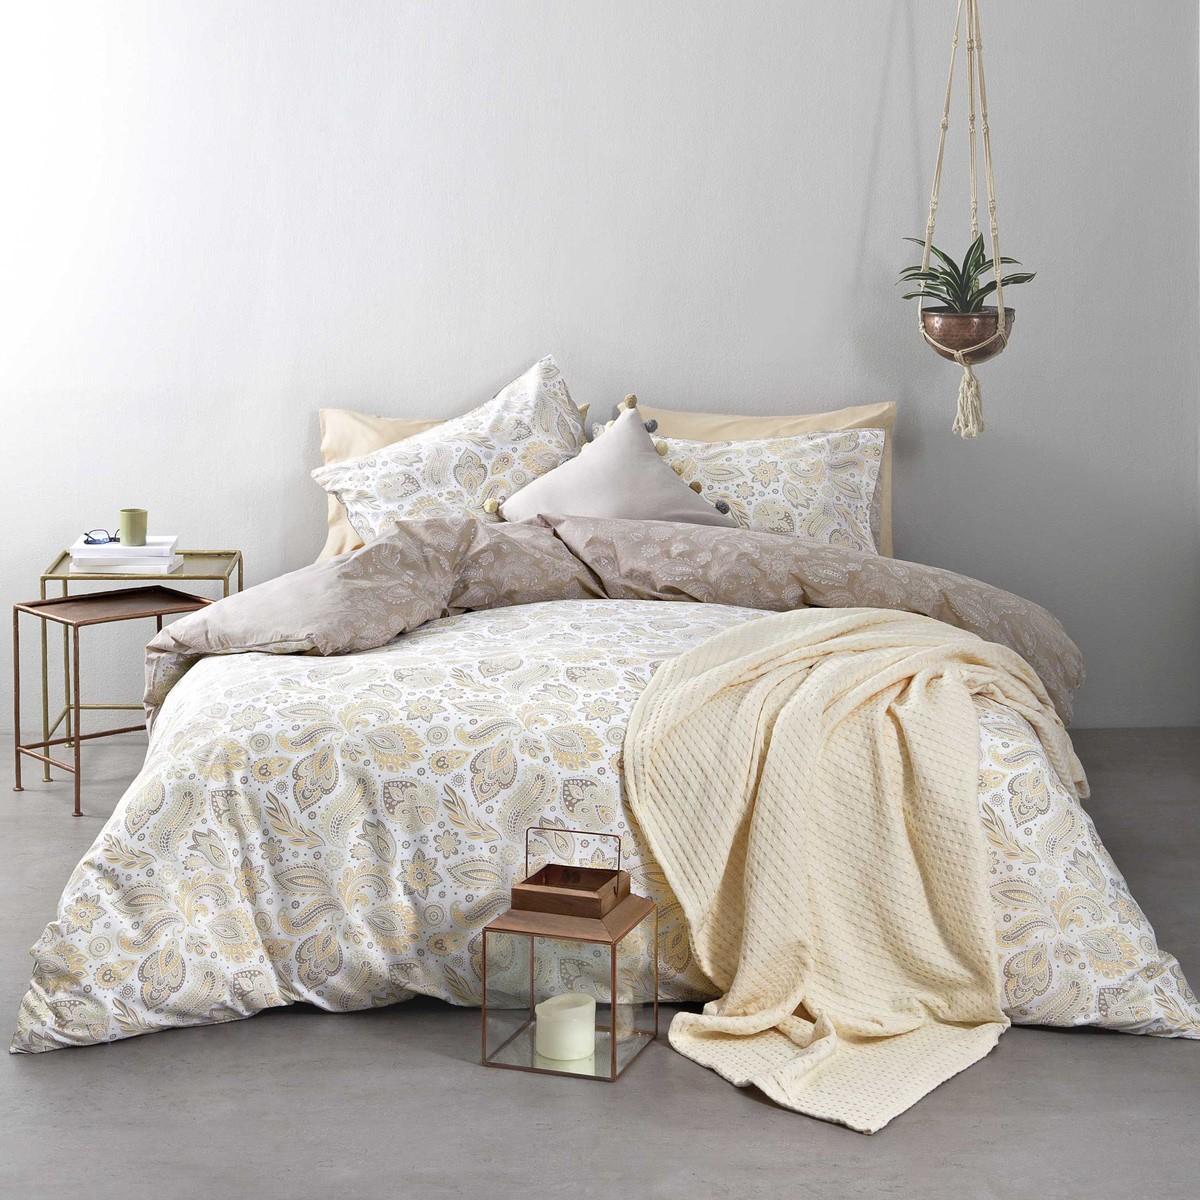 Κουβερλί Μονό Nima Bed Linen Delhi Beige